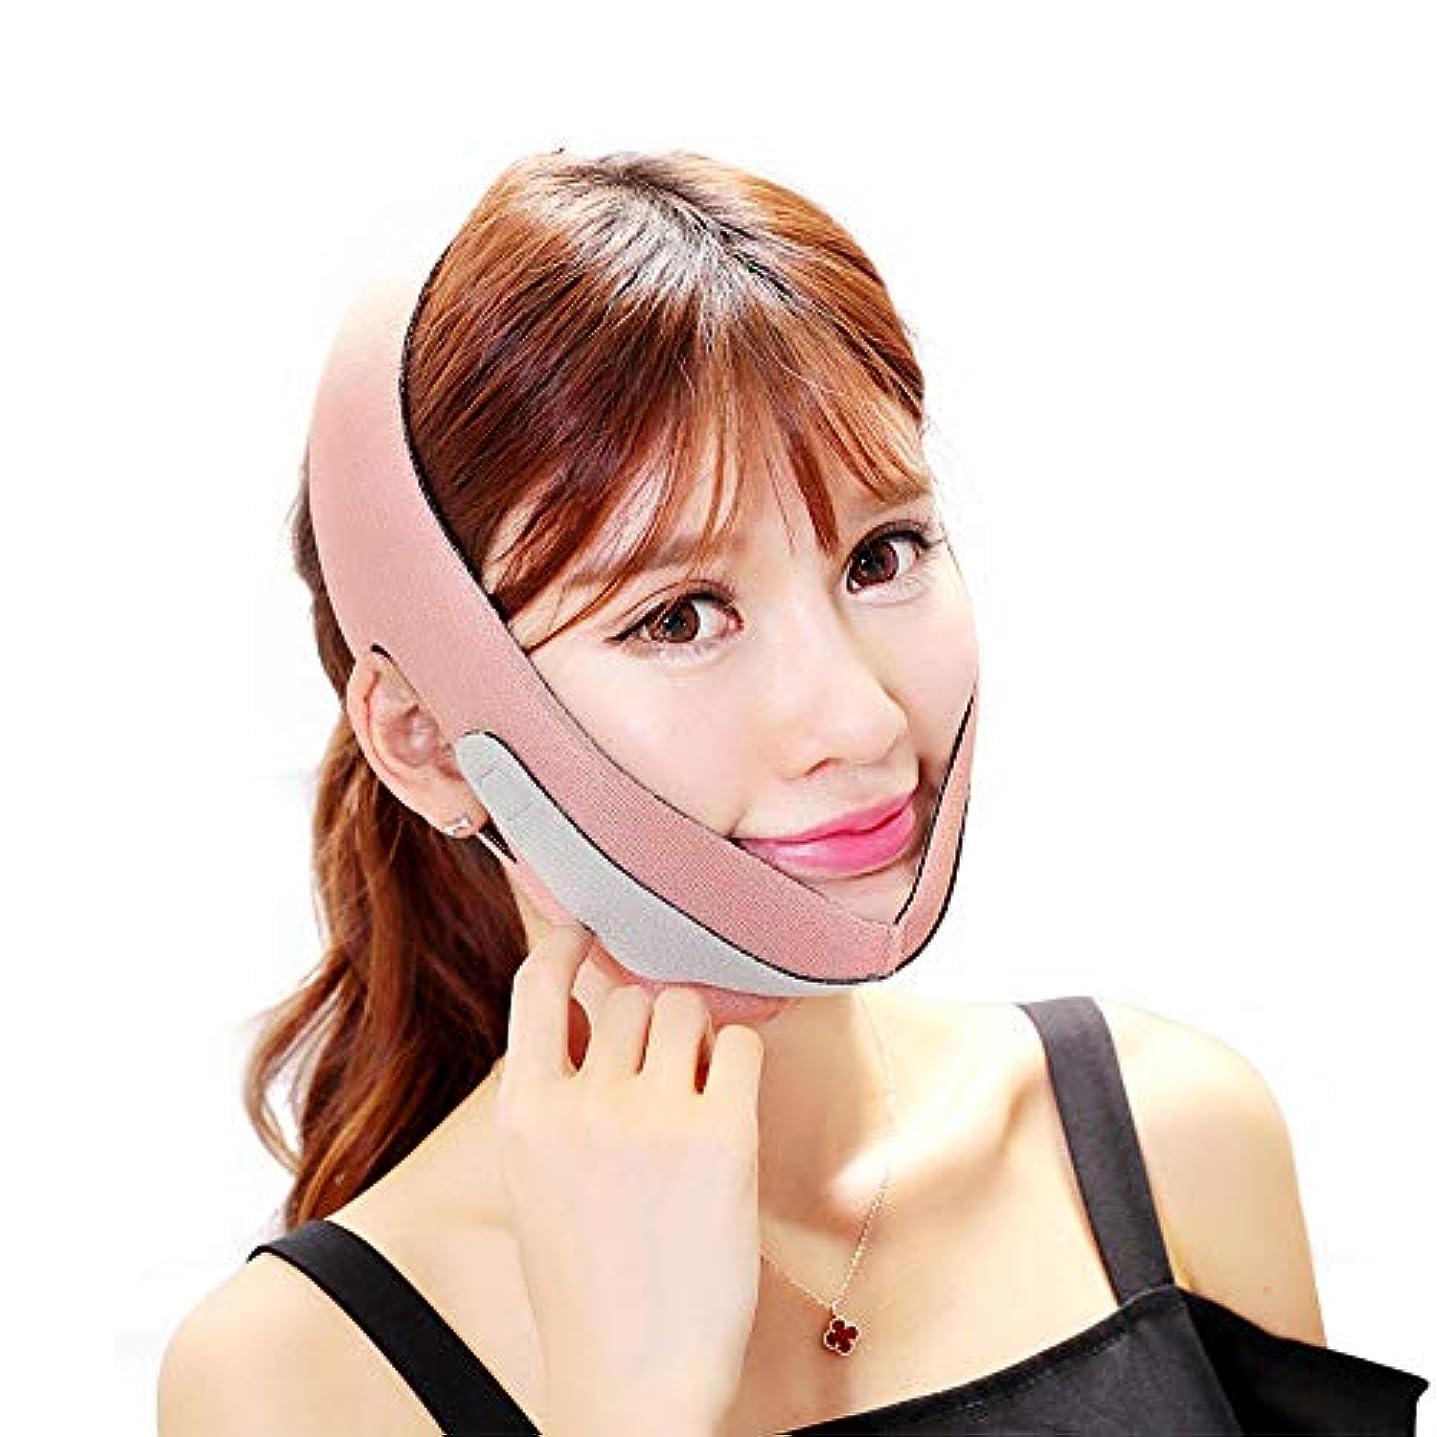 捧げる明快殺人【Maveni】小顔 ベルト 美顔 顔痩せ 最新型 リフトアップベルト フェイスマスク メンズ レディース